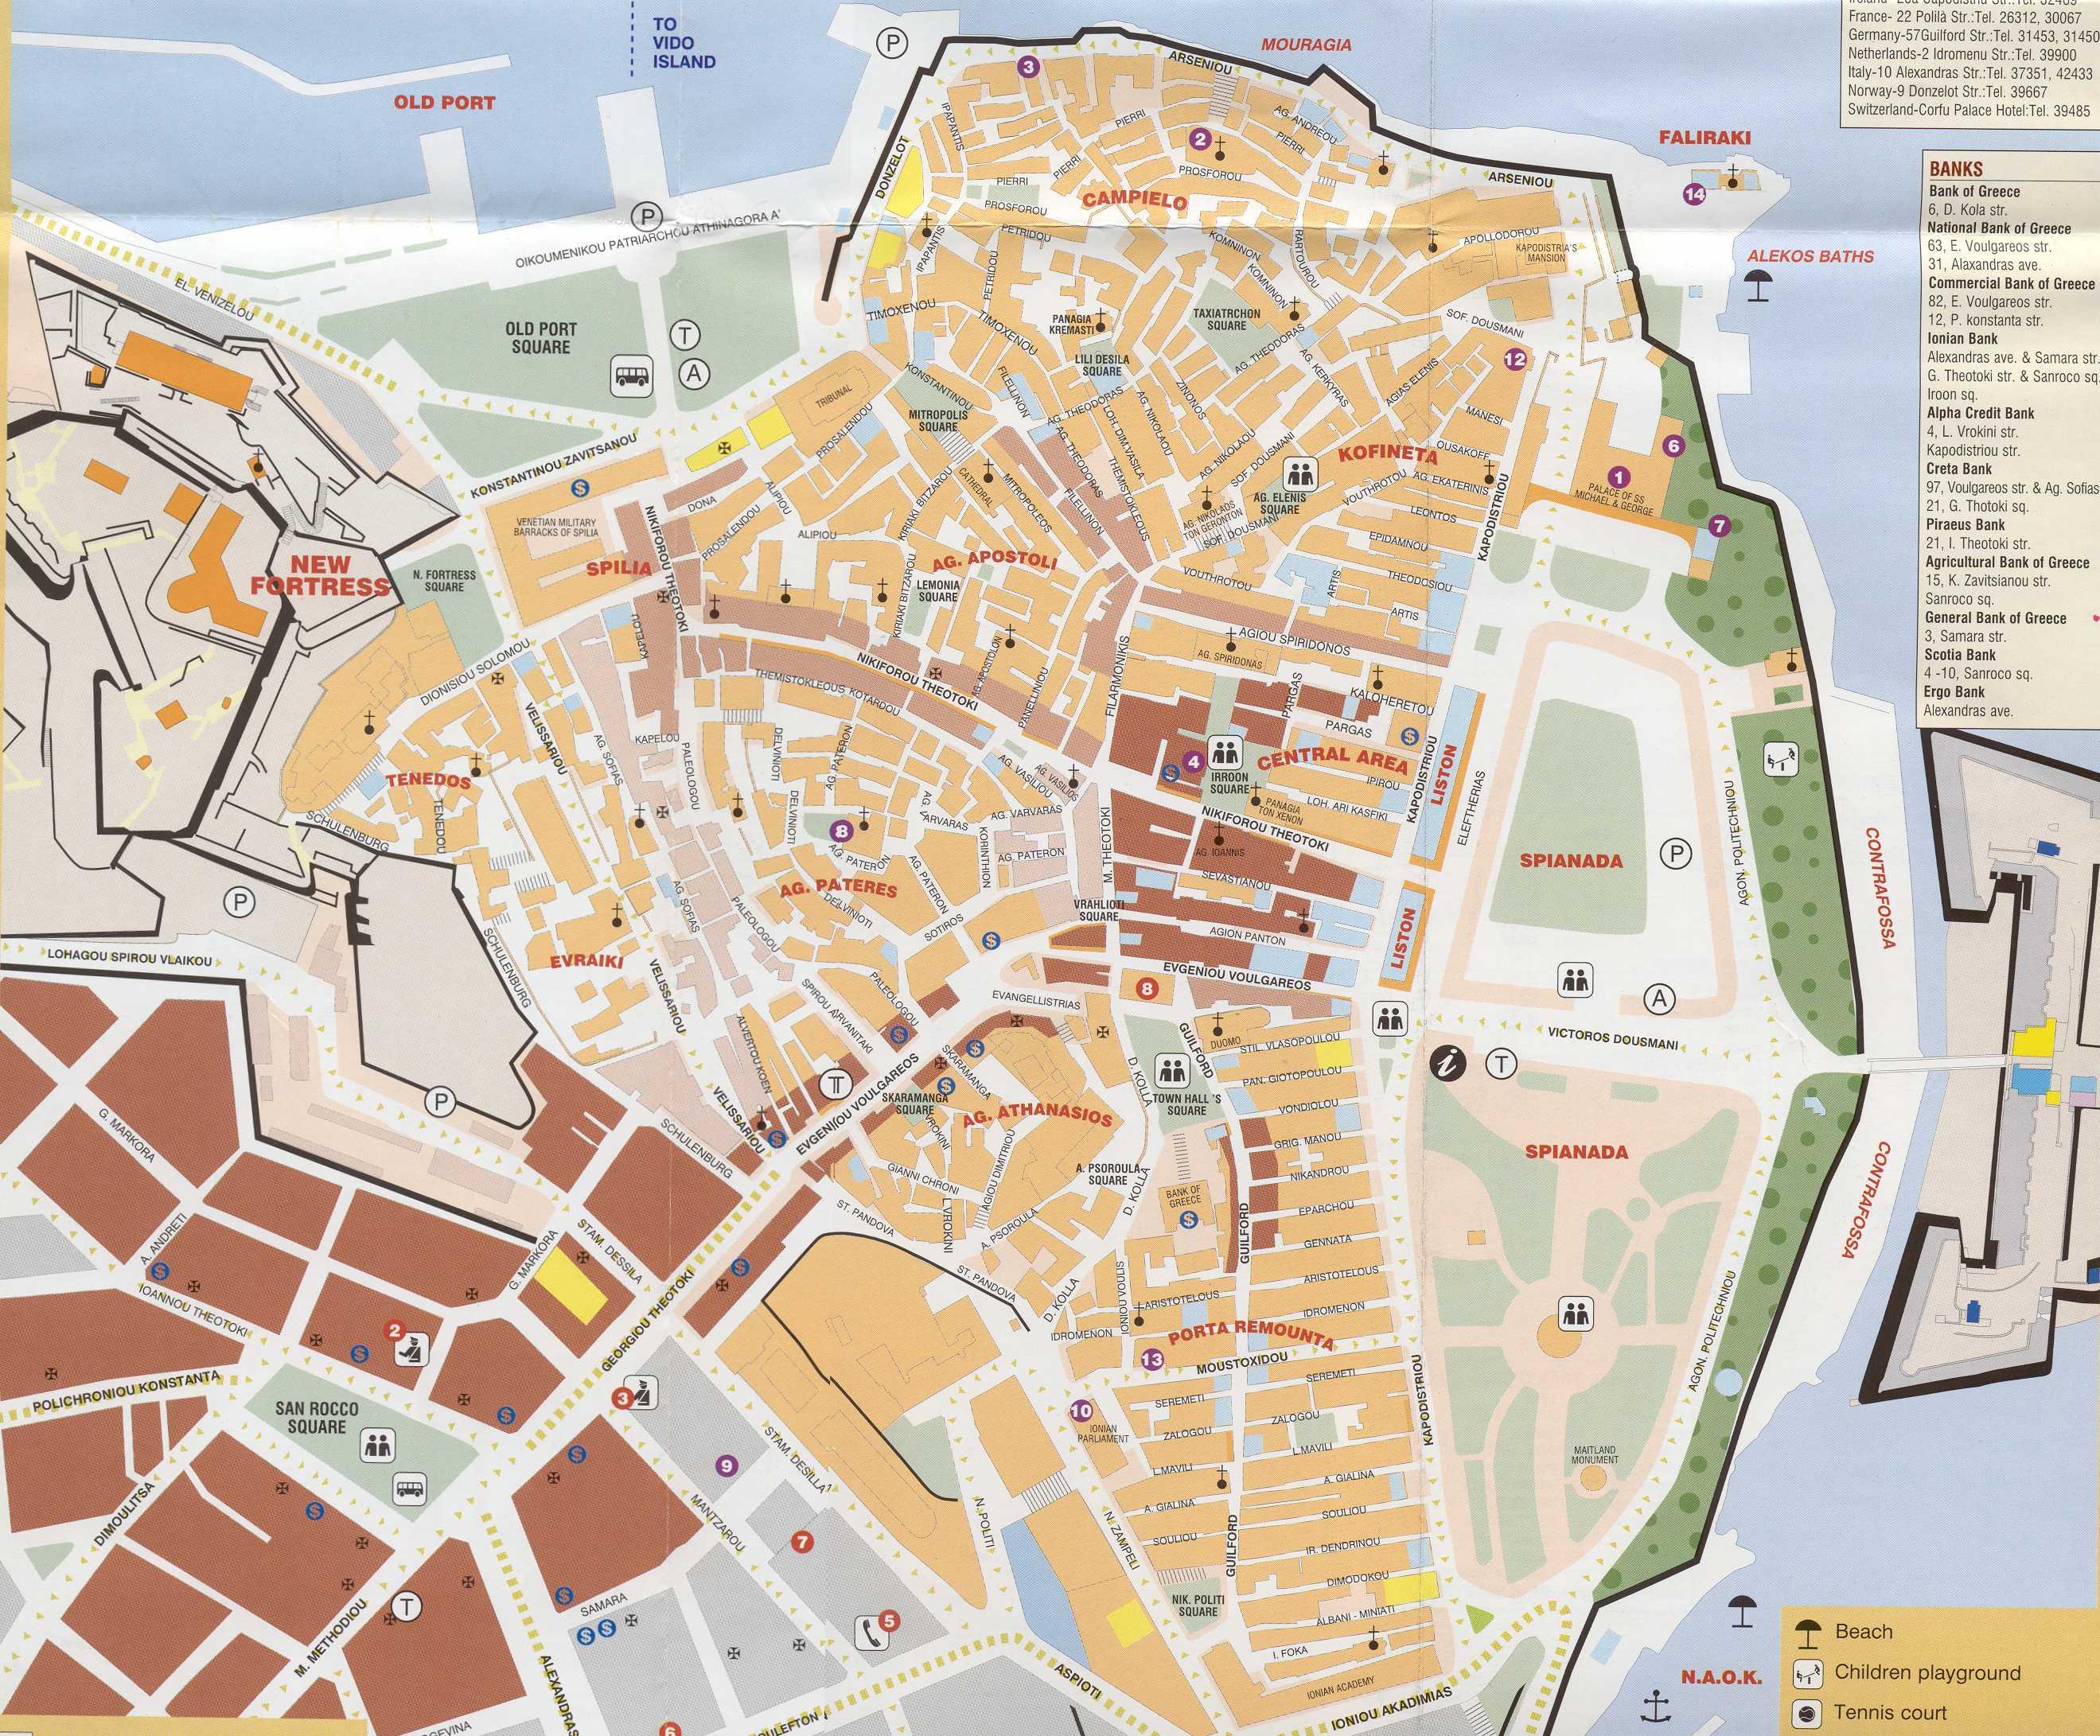 Map of corfu town